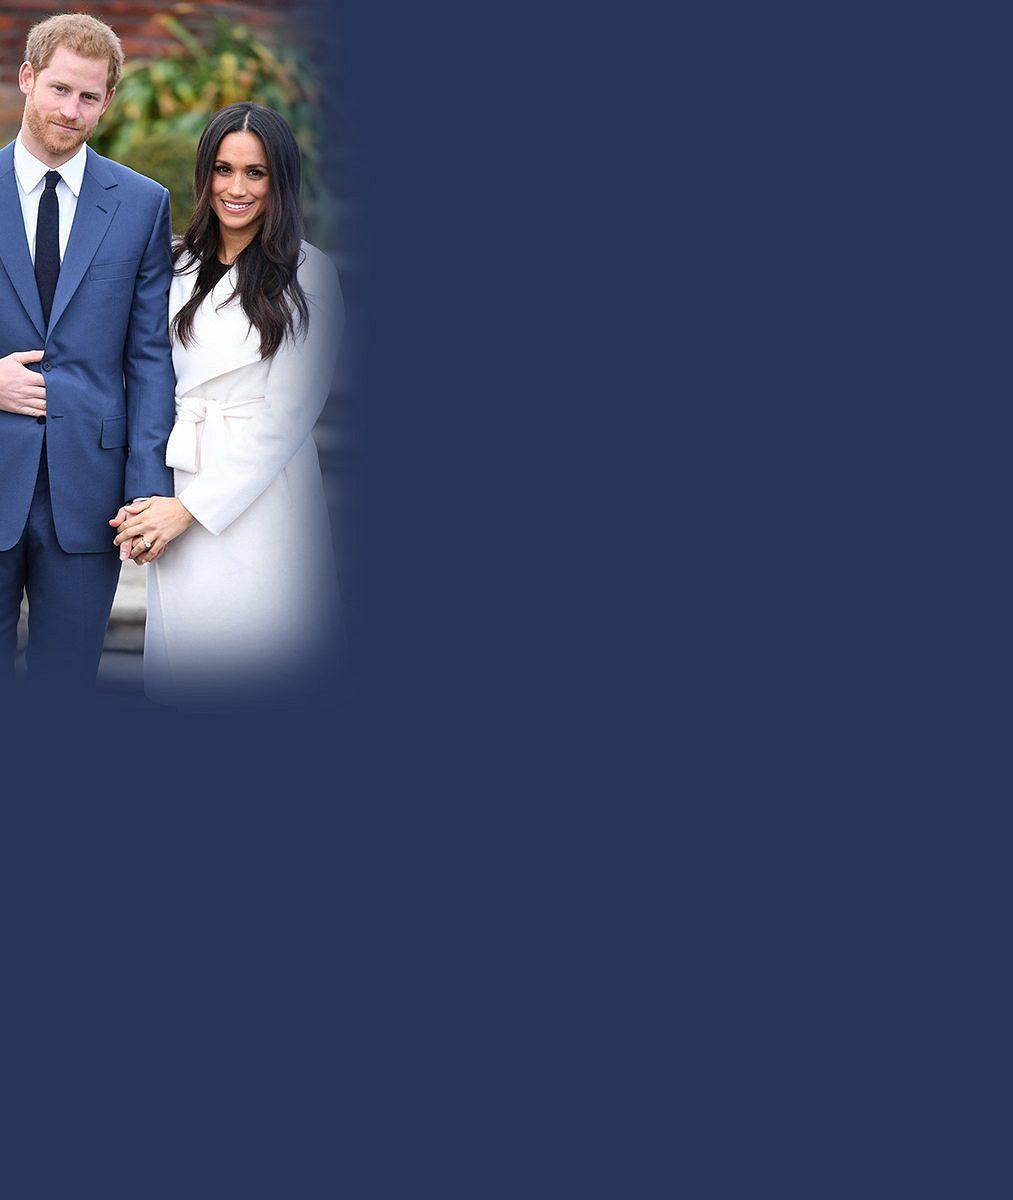 Těhotná vévodkyně Meghan zazářila na Fidži v šatech z Austrálie a náušnicích od královny. V oblasti hrozí virus zika